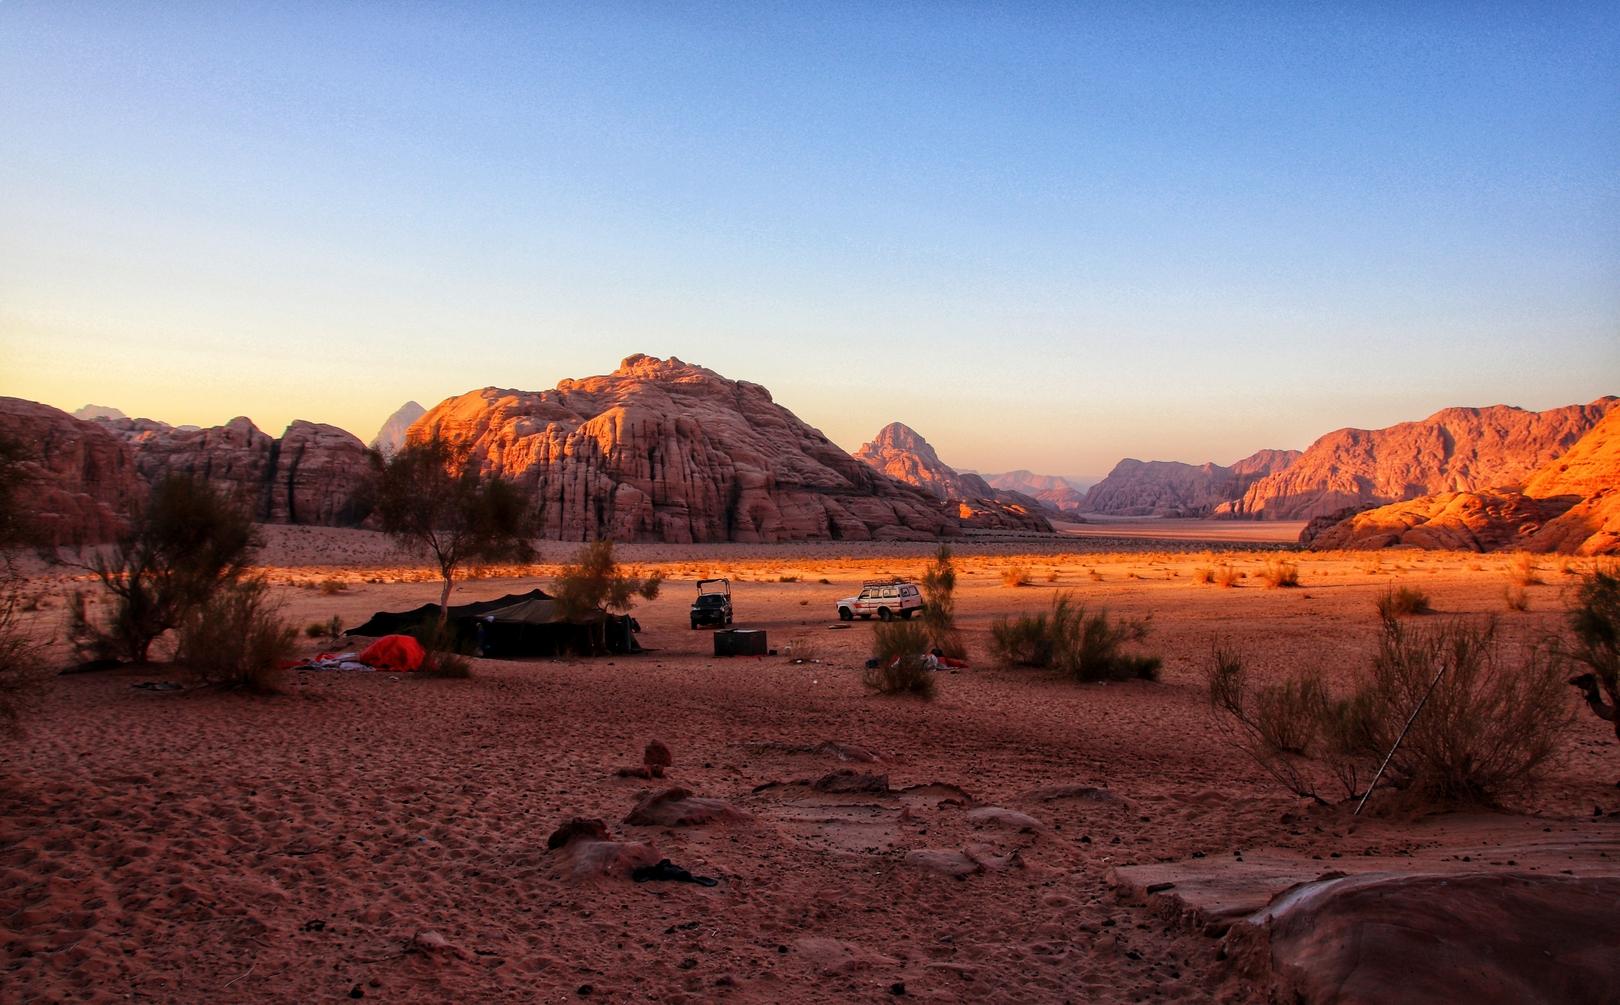 Jordanie - Soirée et nuit dans un campement bédouin dans le désert de Wadi Rum